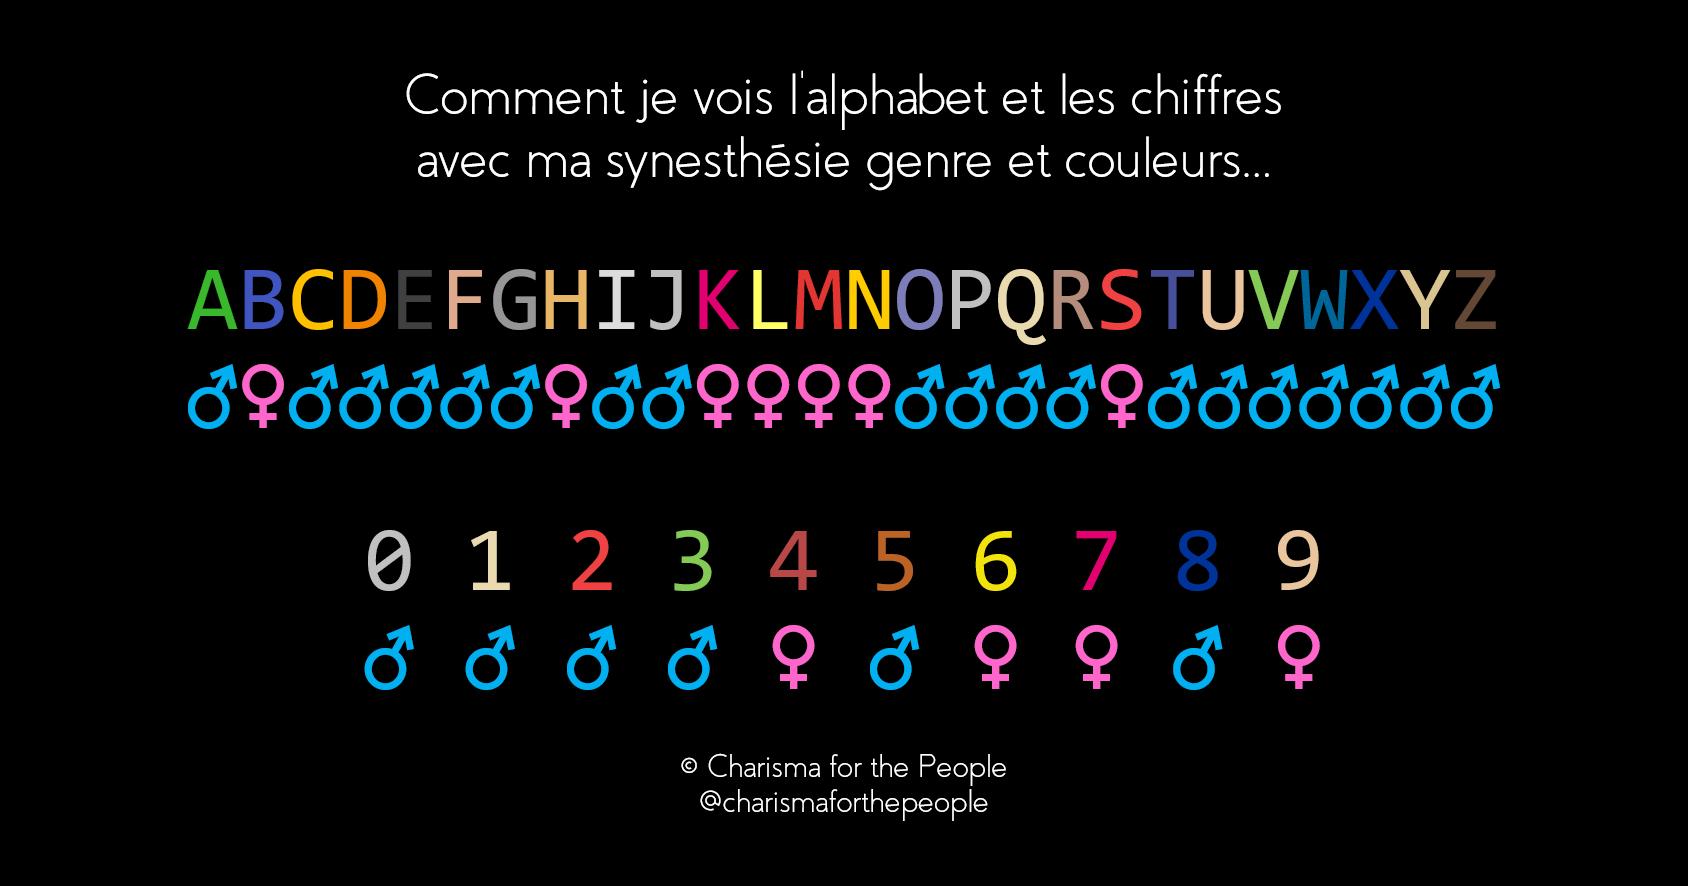 Lettres et chiffres colorés et genrés - synesthésie graphèmes couleurs et personnification ordinale linguistique OLP